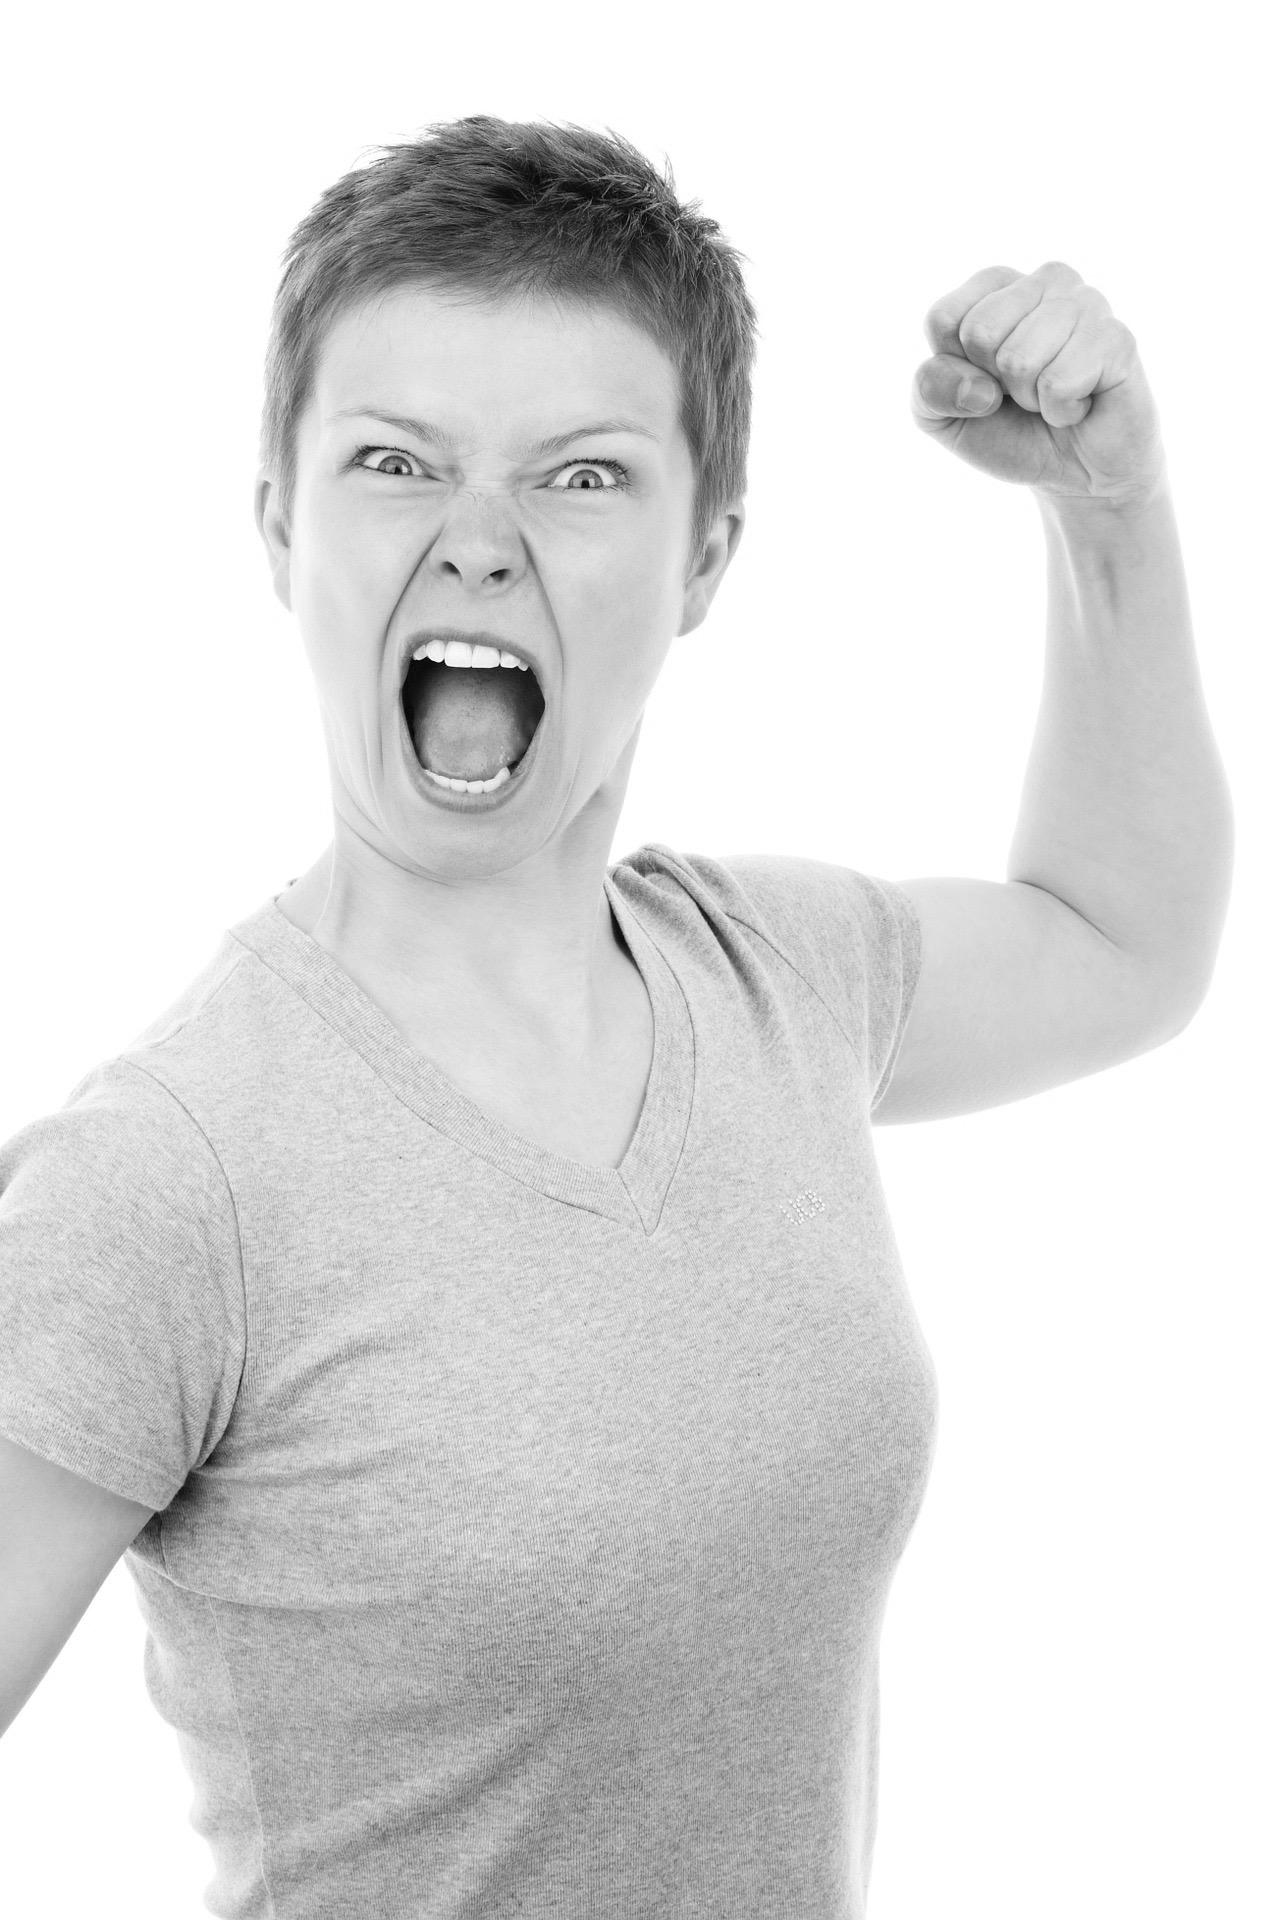 Anger management_West Sussex_PIXABAY